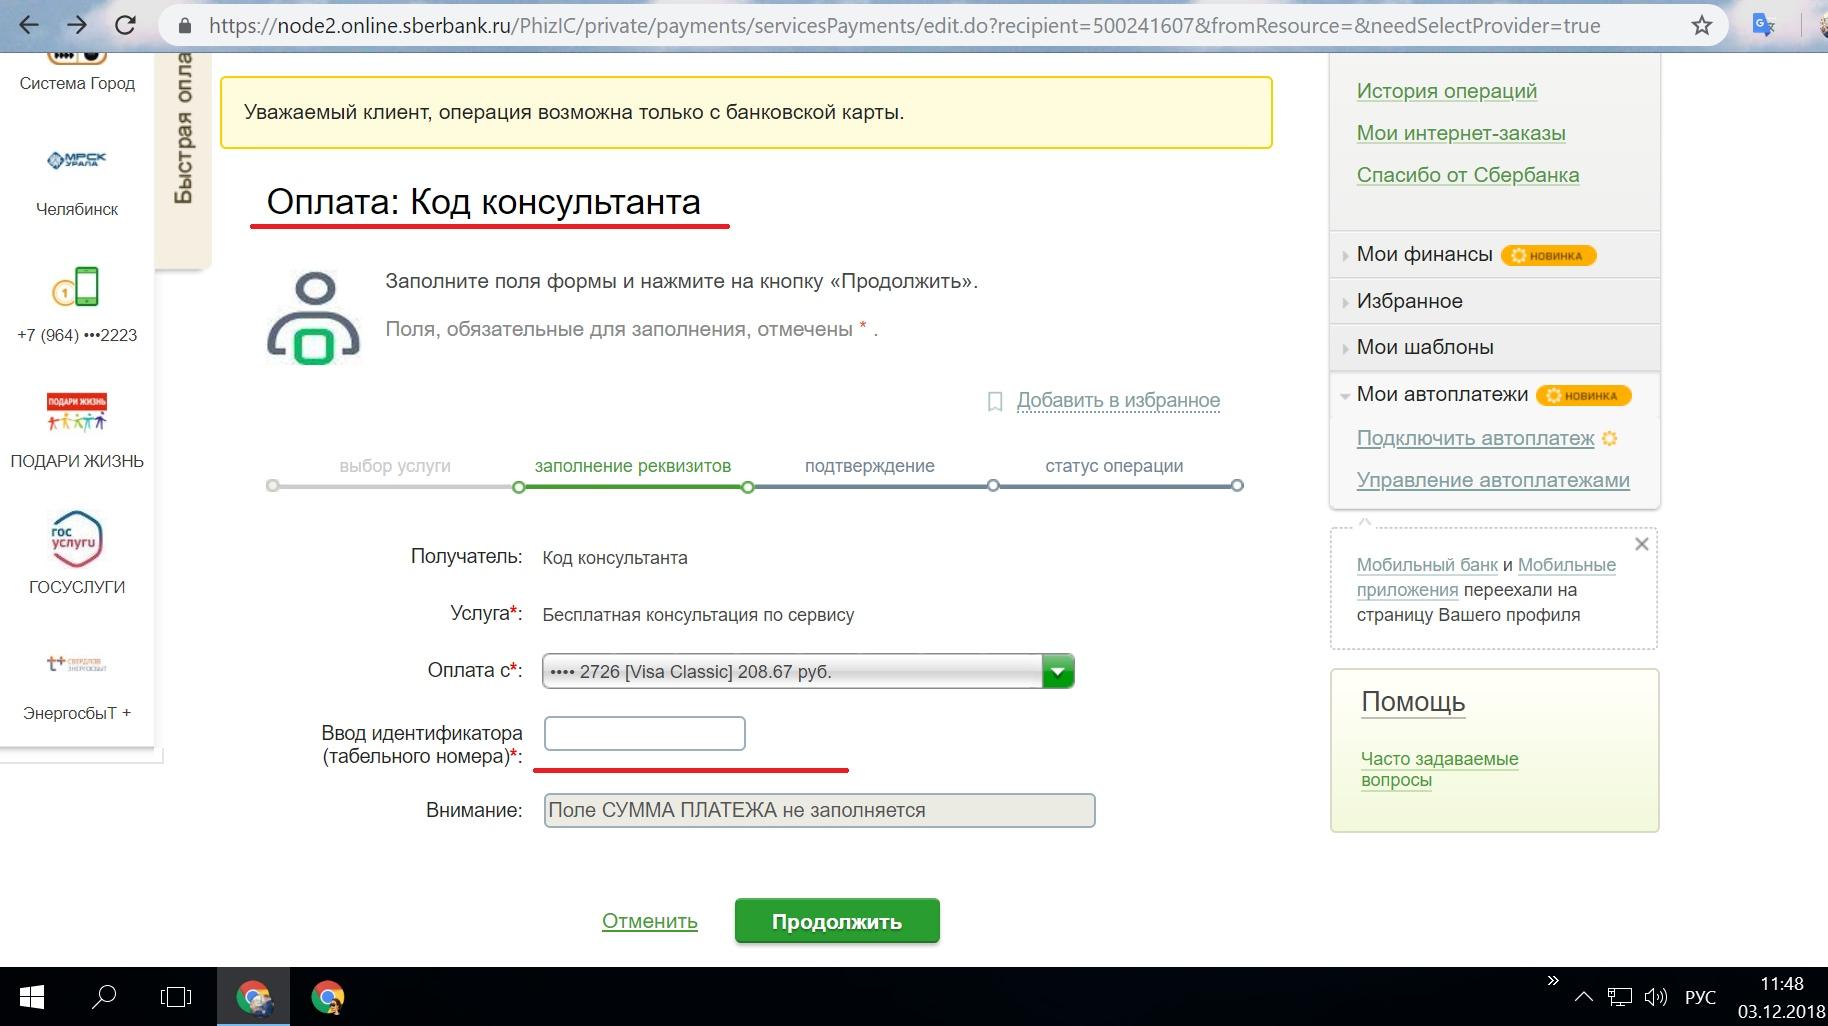 Код на кредит сбербанк онлайн заявки онлайн на кредит сбербанк